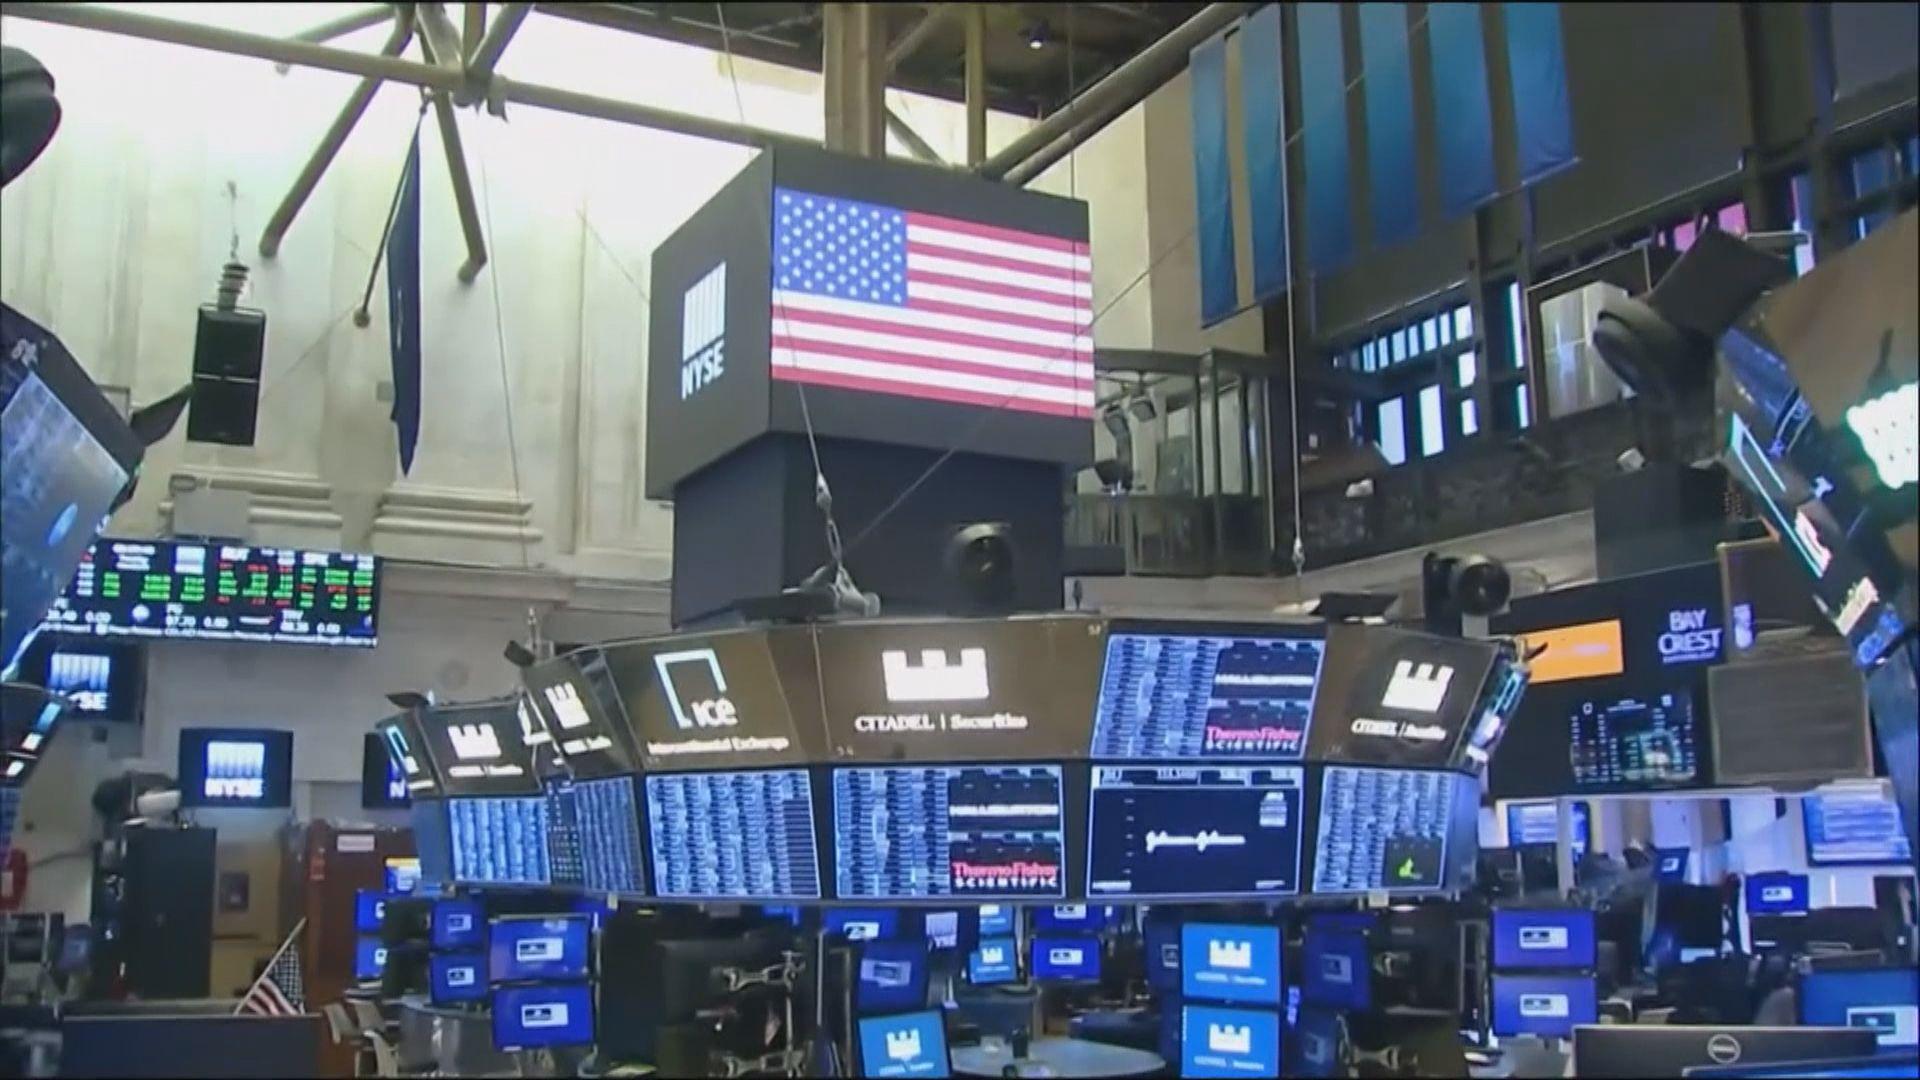 美股上升 因經濟數據佳及新刺激方案重啟磋商